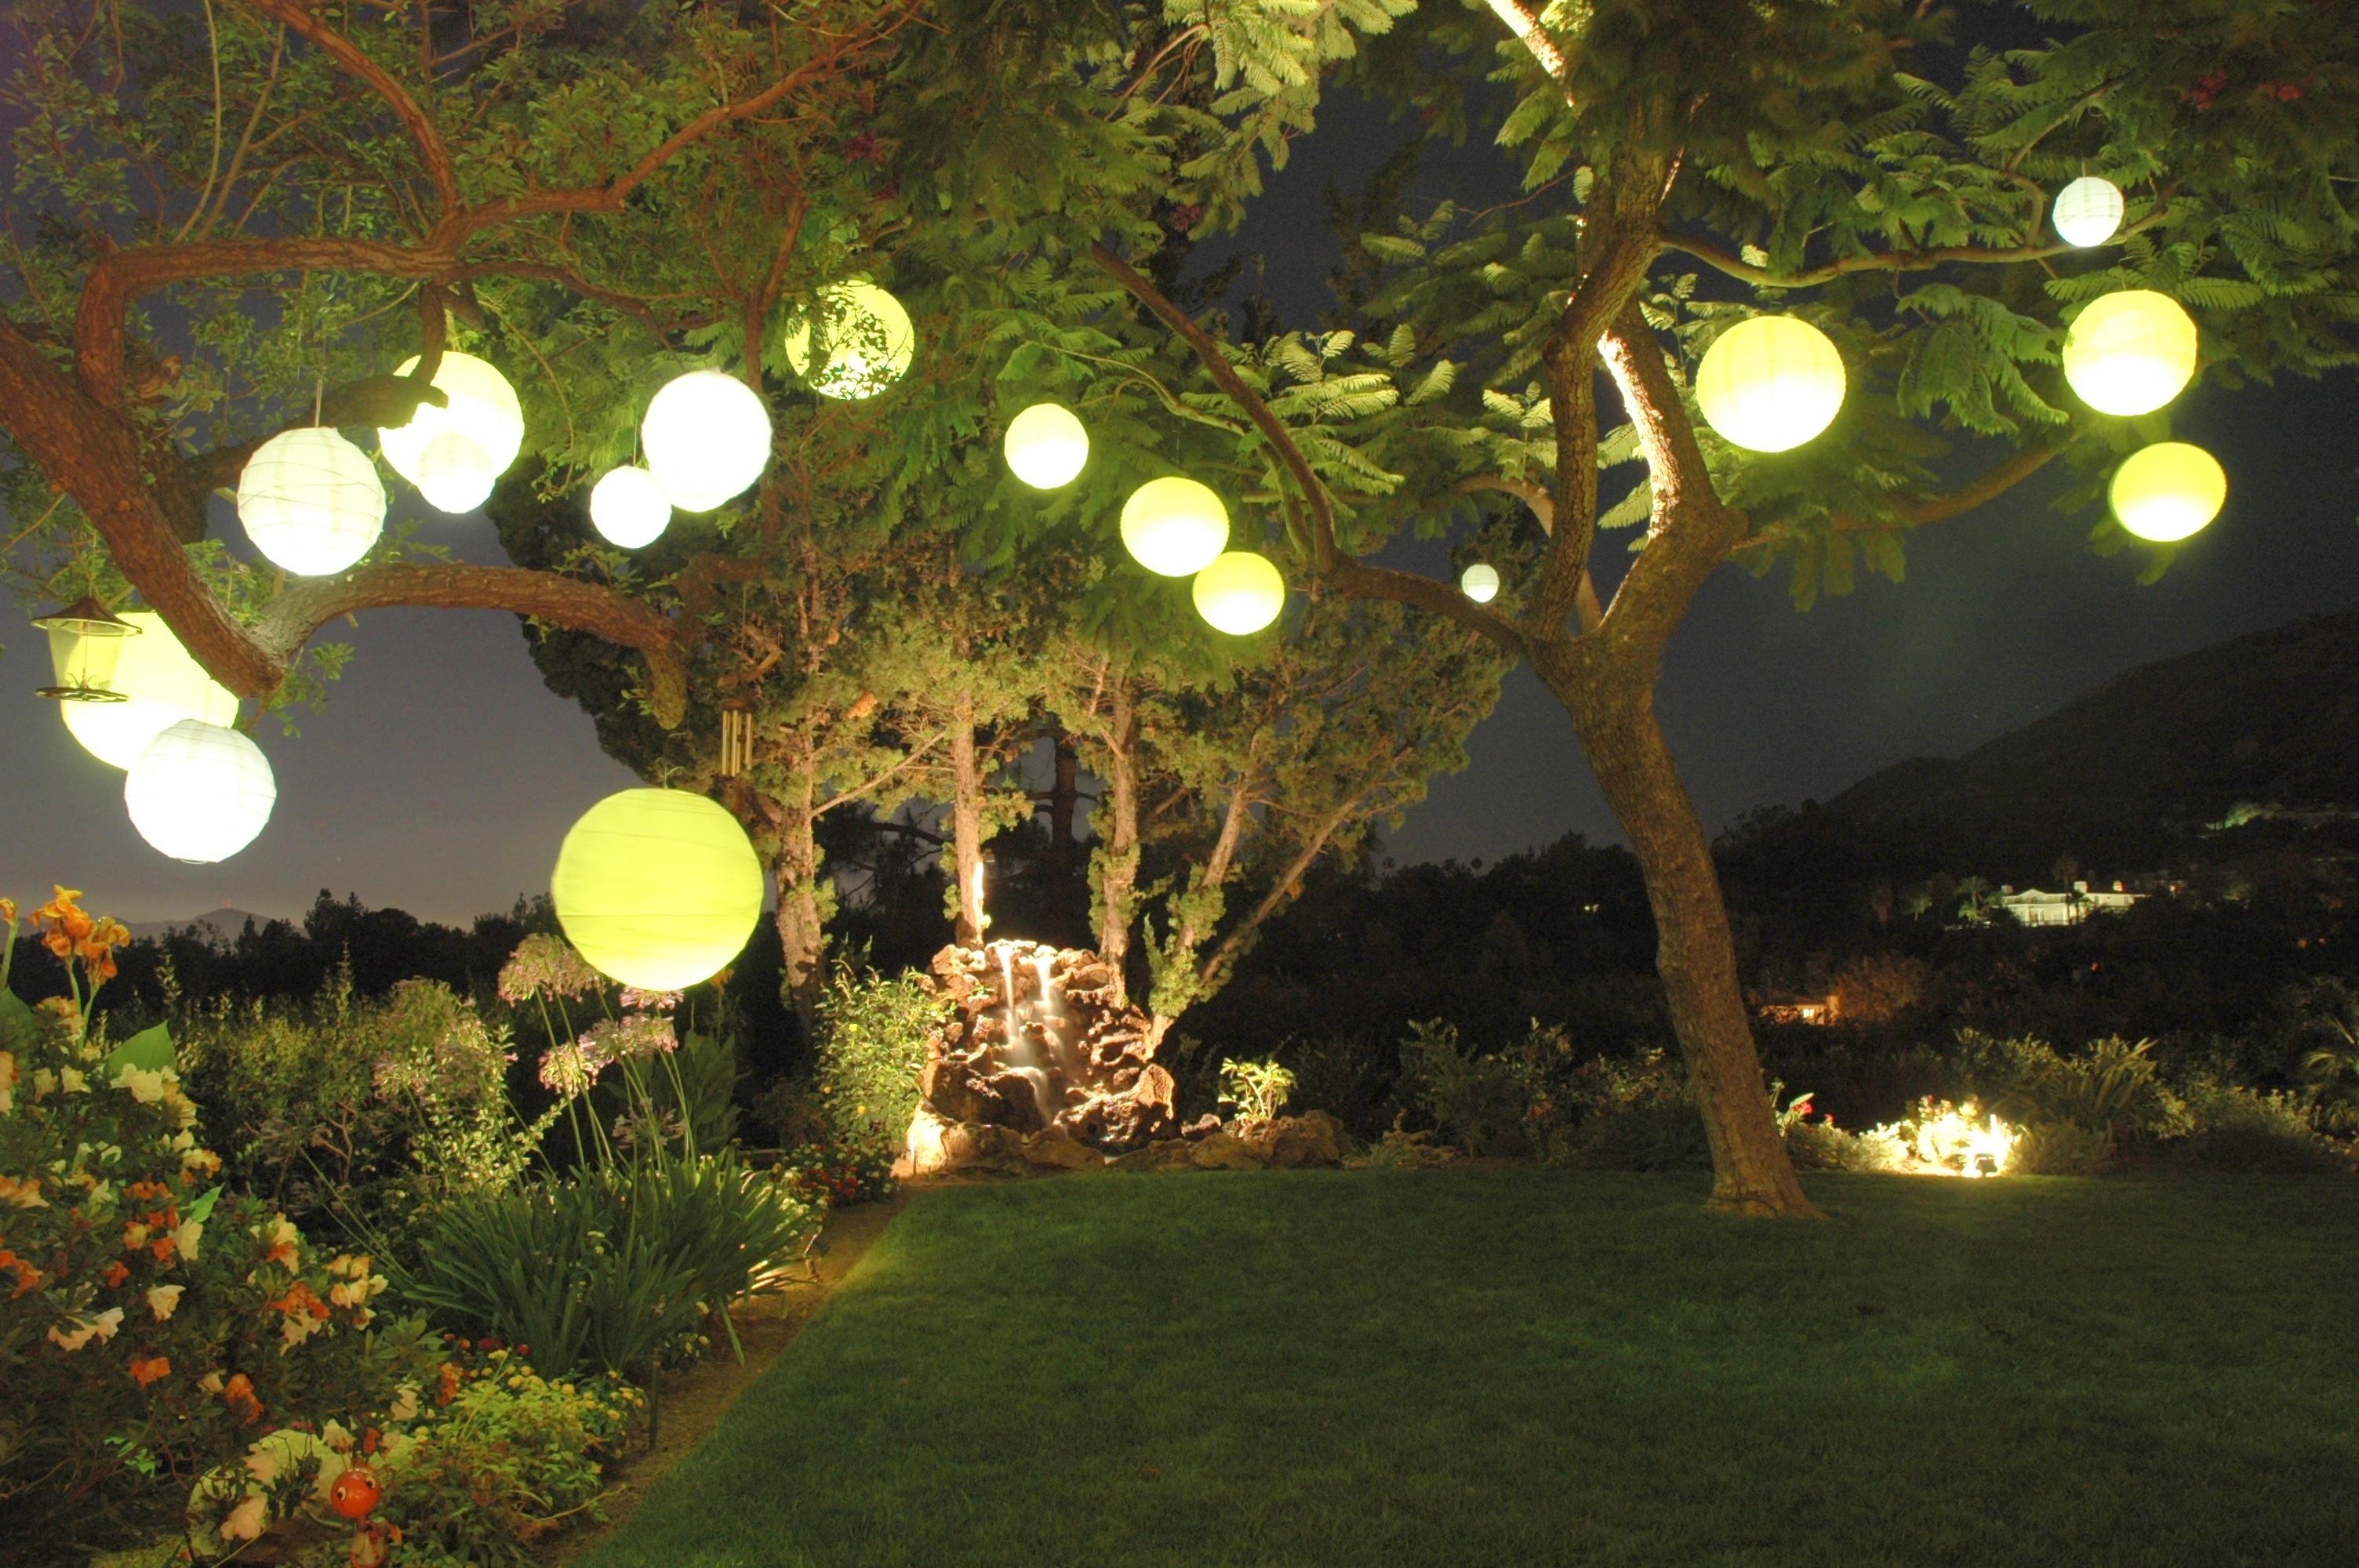 Outdoor Paper Lantern Lights – Outdoor Lighting Ideas Regarding Outdoor Paper Lanterns For Patio (View 6 of 20)